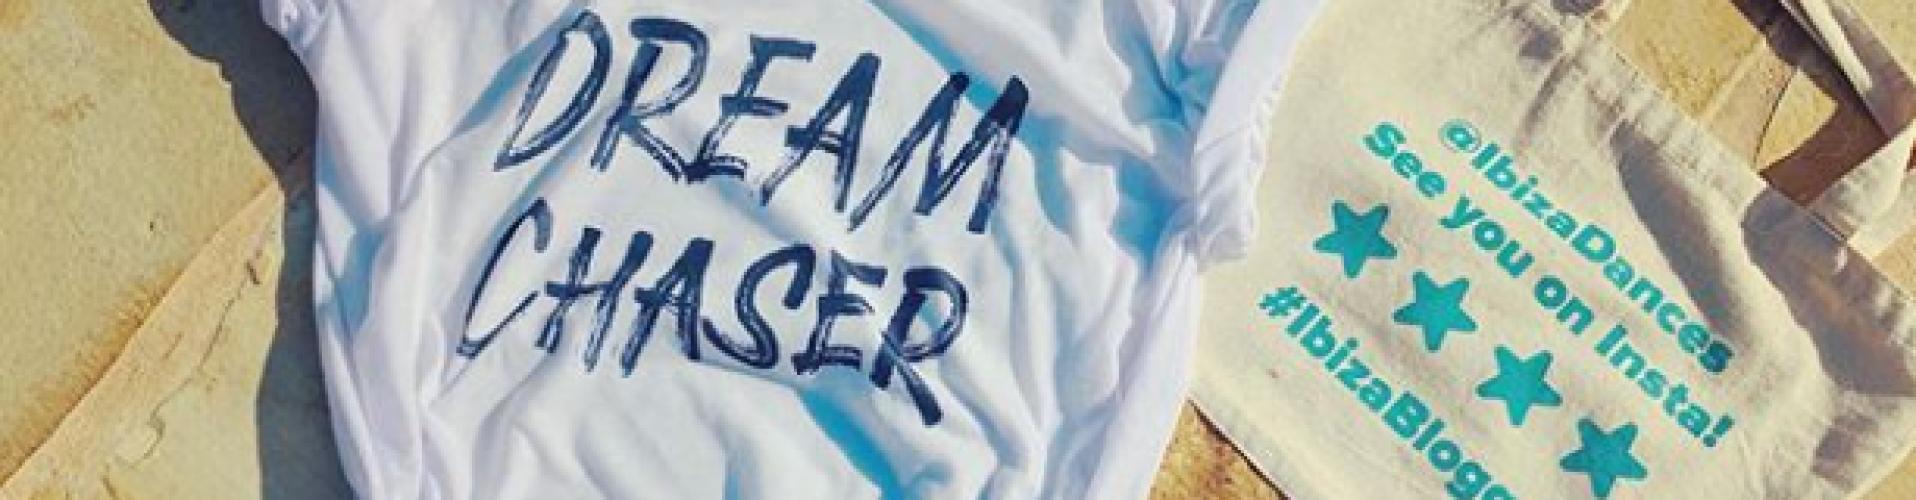 actie voor pre order helden handboek voor dromenjagers